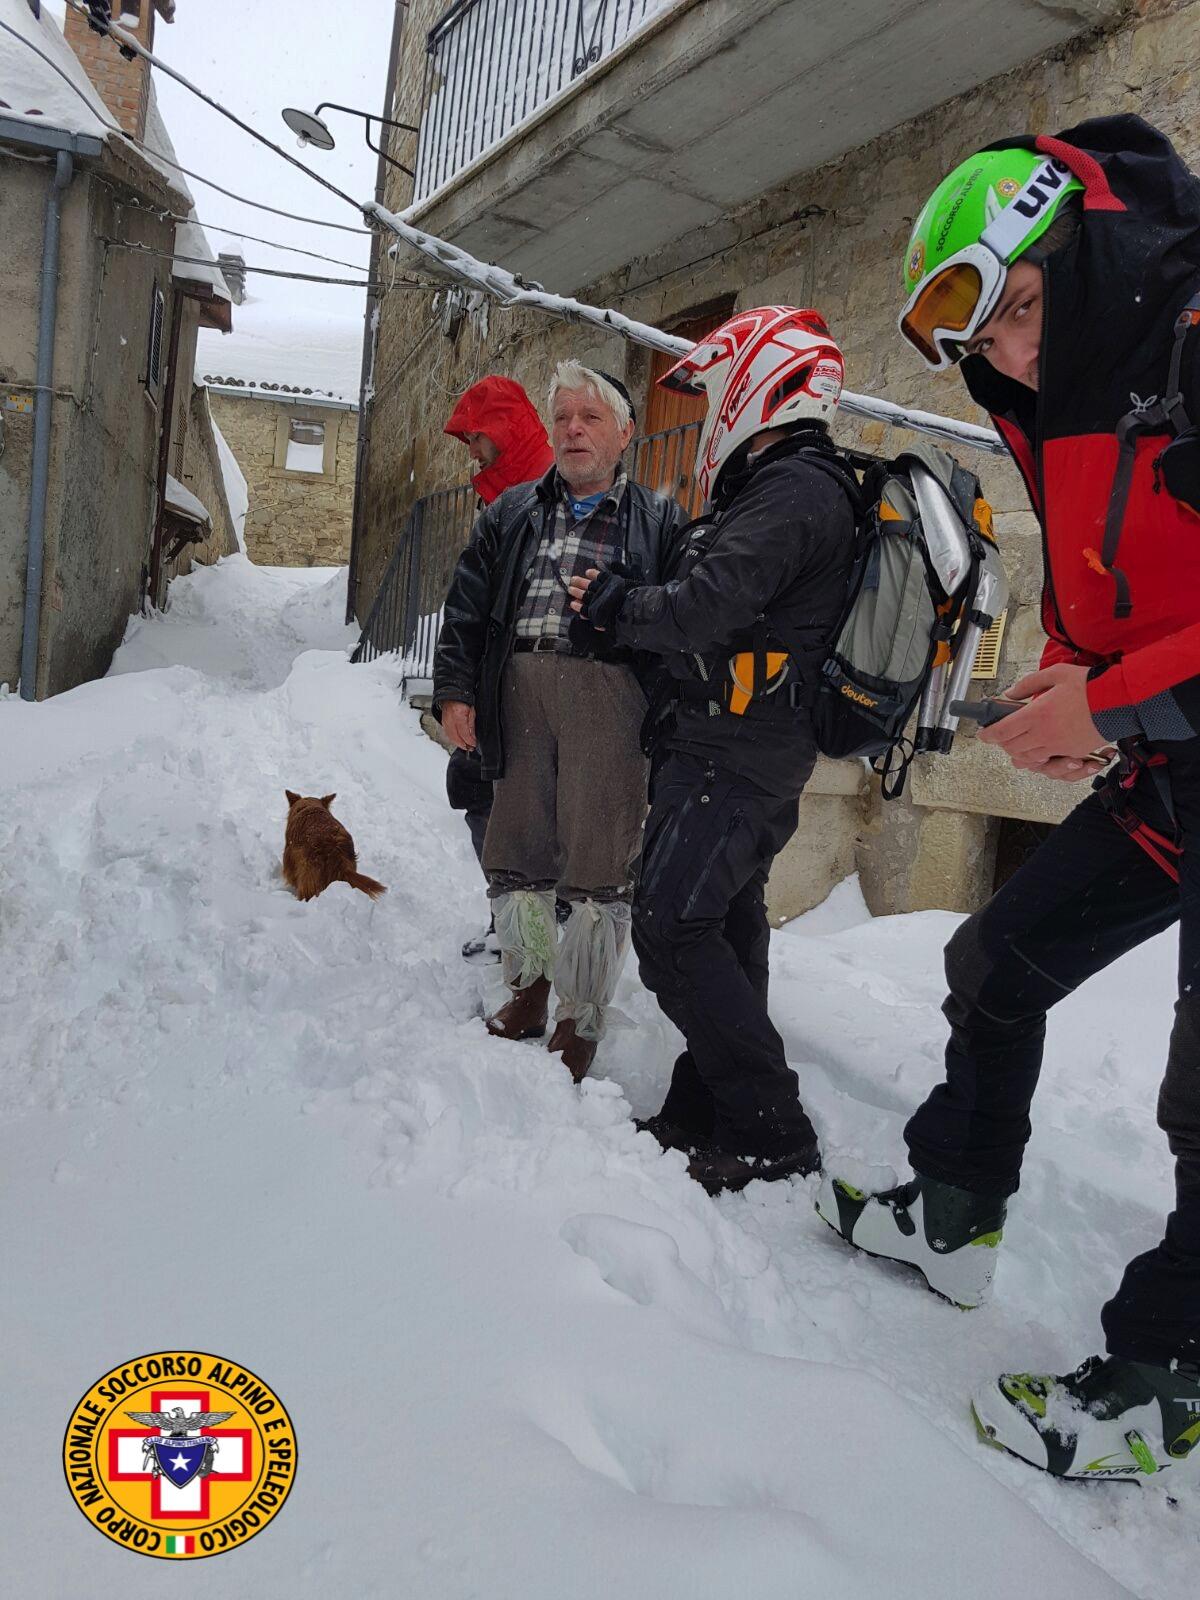 Emergenza neve in Centro Italia: il cuore straordinario dell'Italia che sa aiutare gli altri | Emergency Live 27